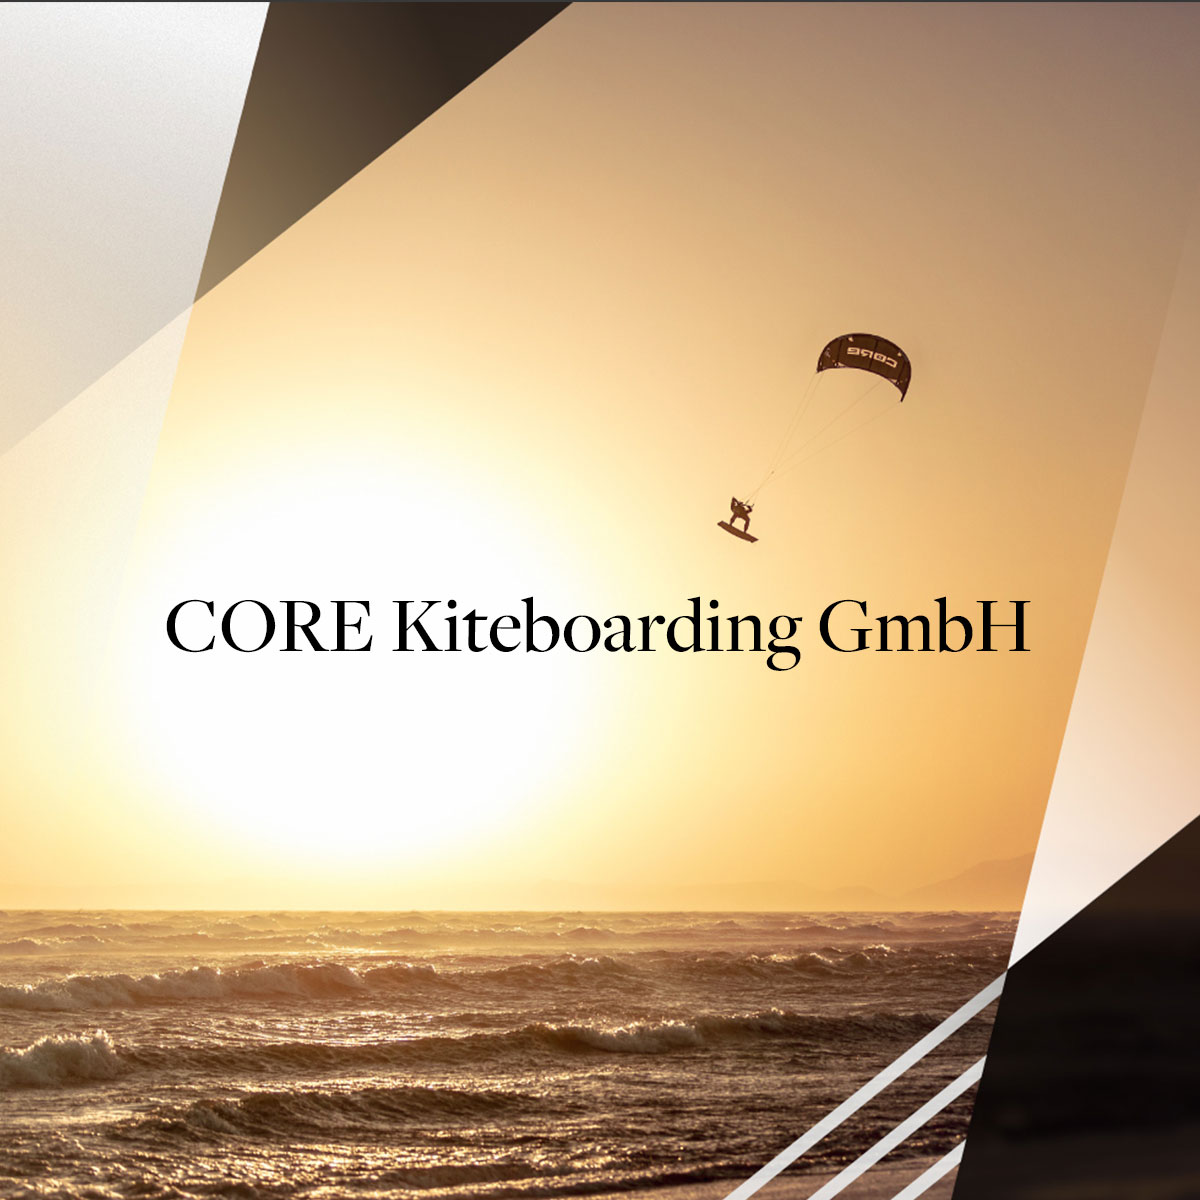 Marketing- & Projektmanagement, Website Contentmanagement für Produktkampagnen von CORE Kiteboarding GmbH